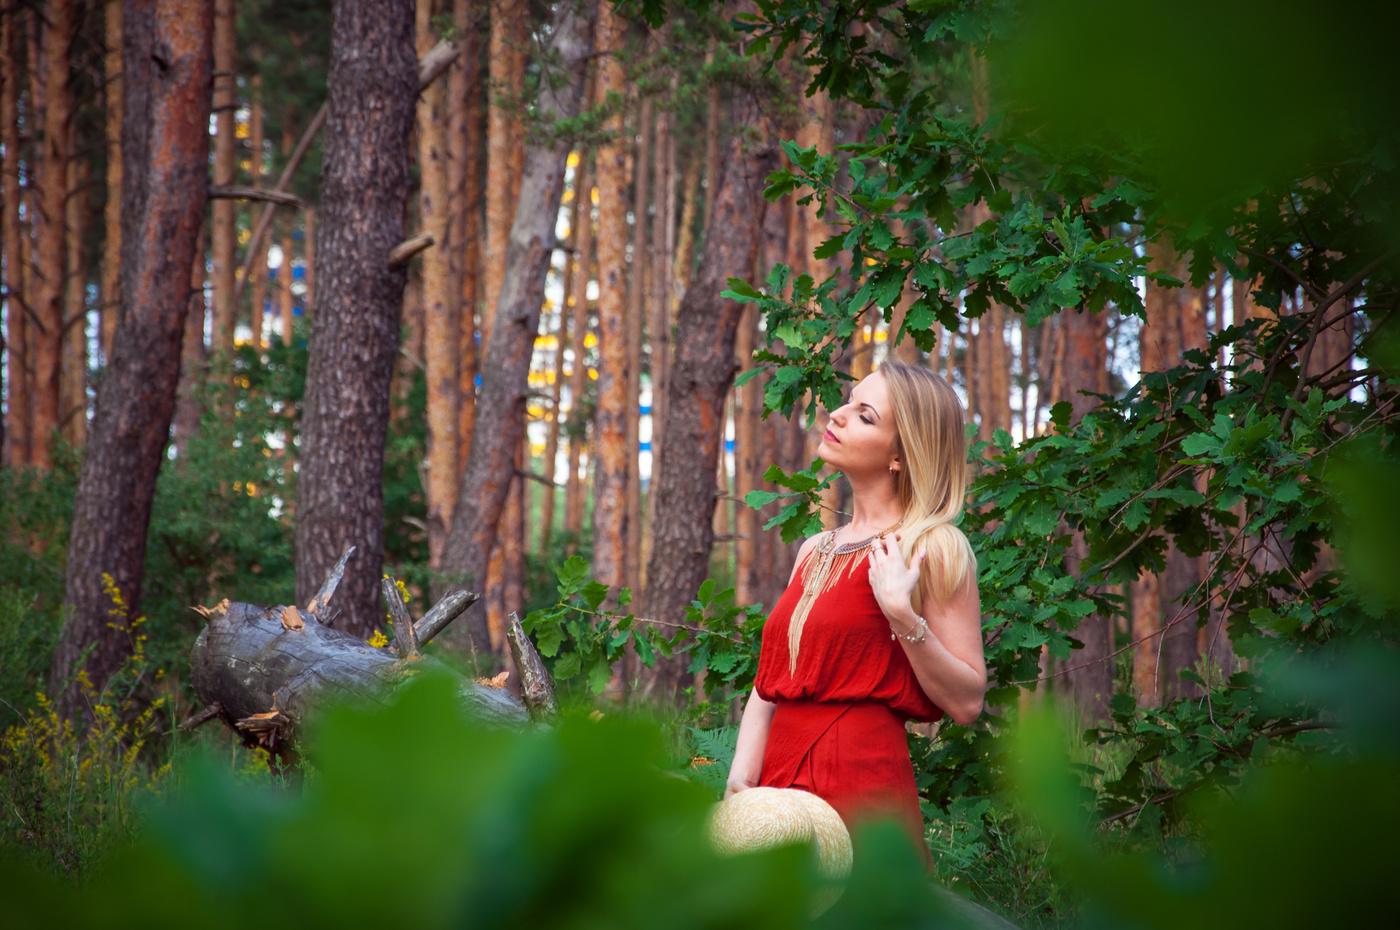 после развлечение девушек в лесу фильм смотрела давным